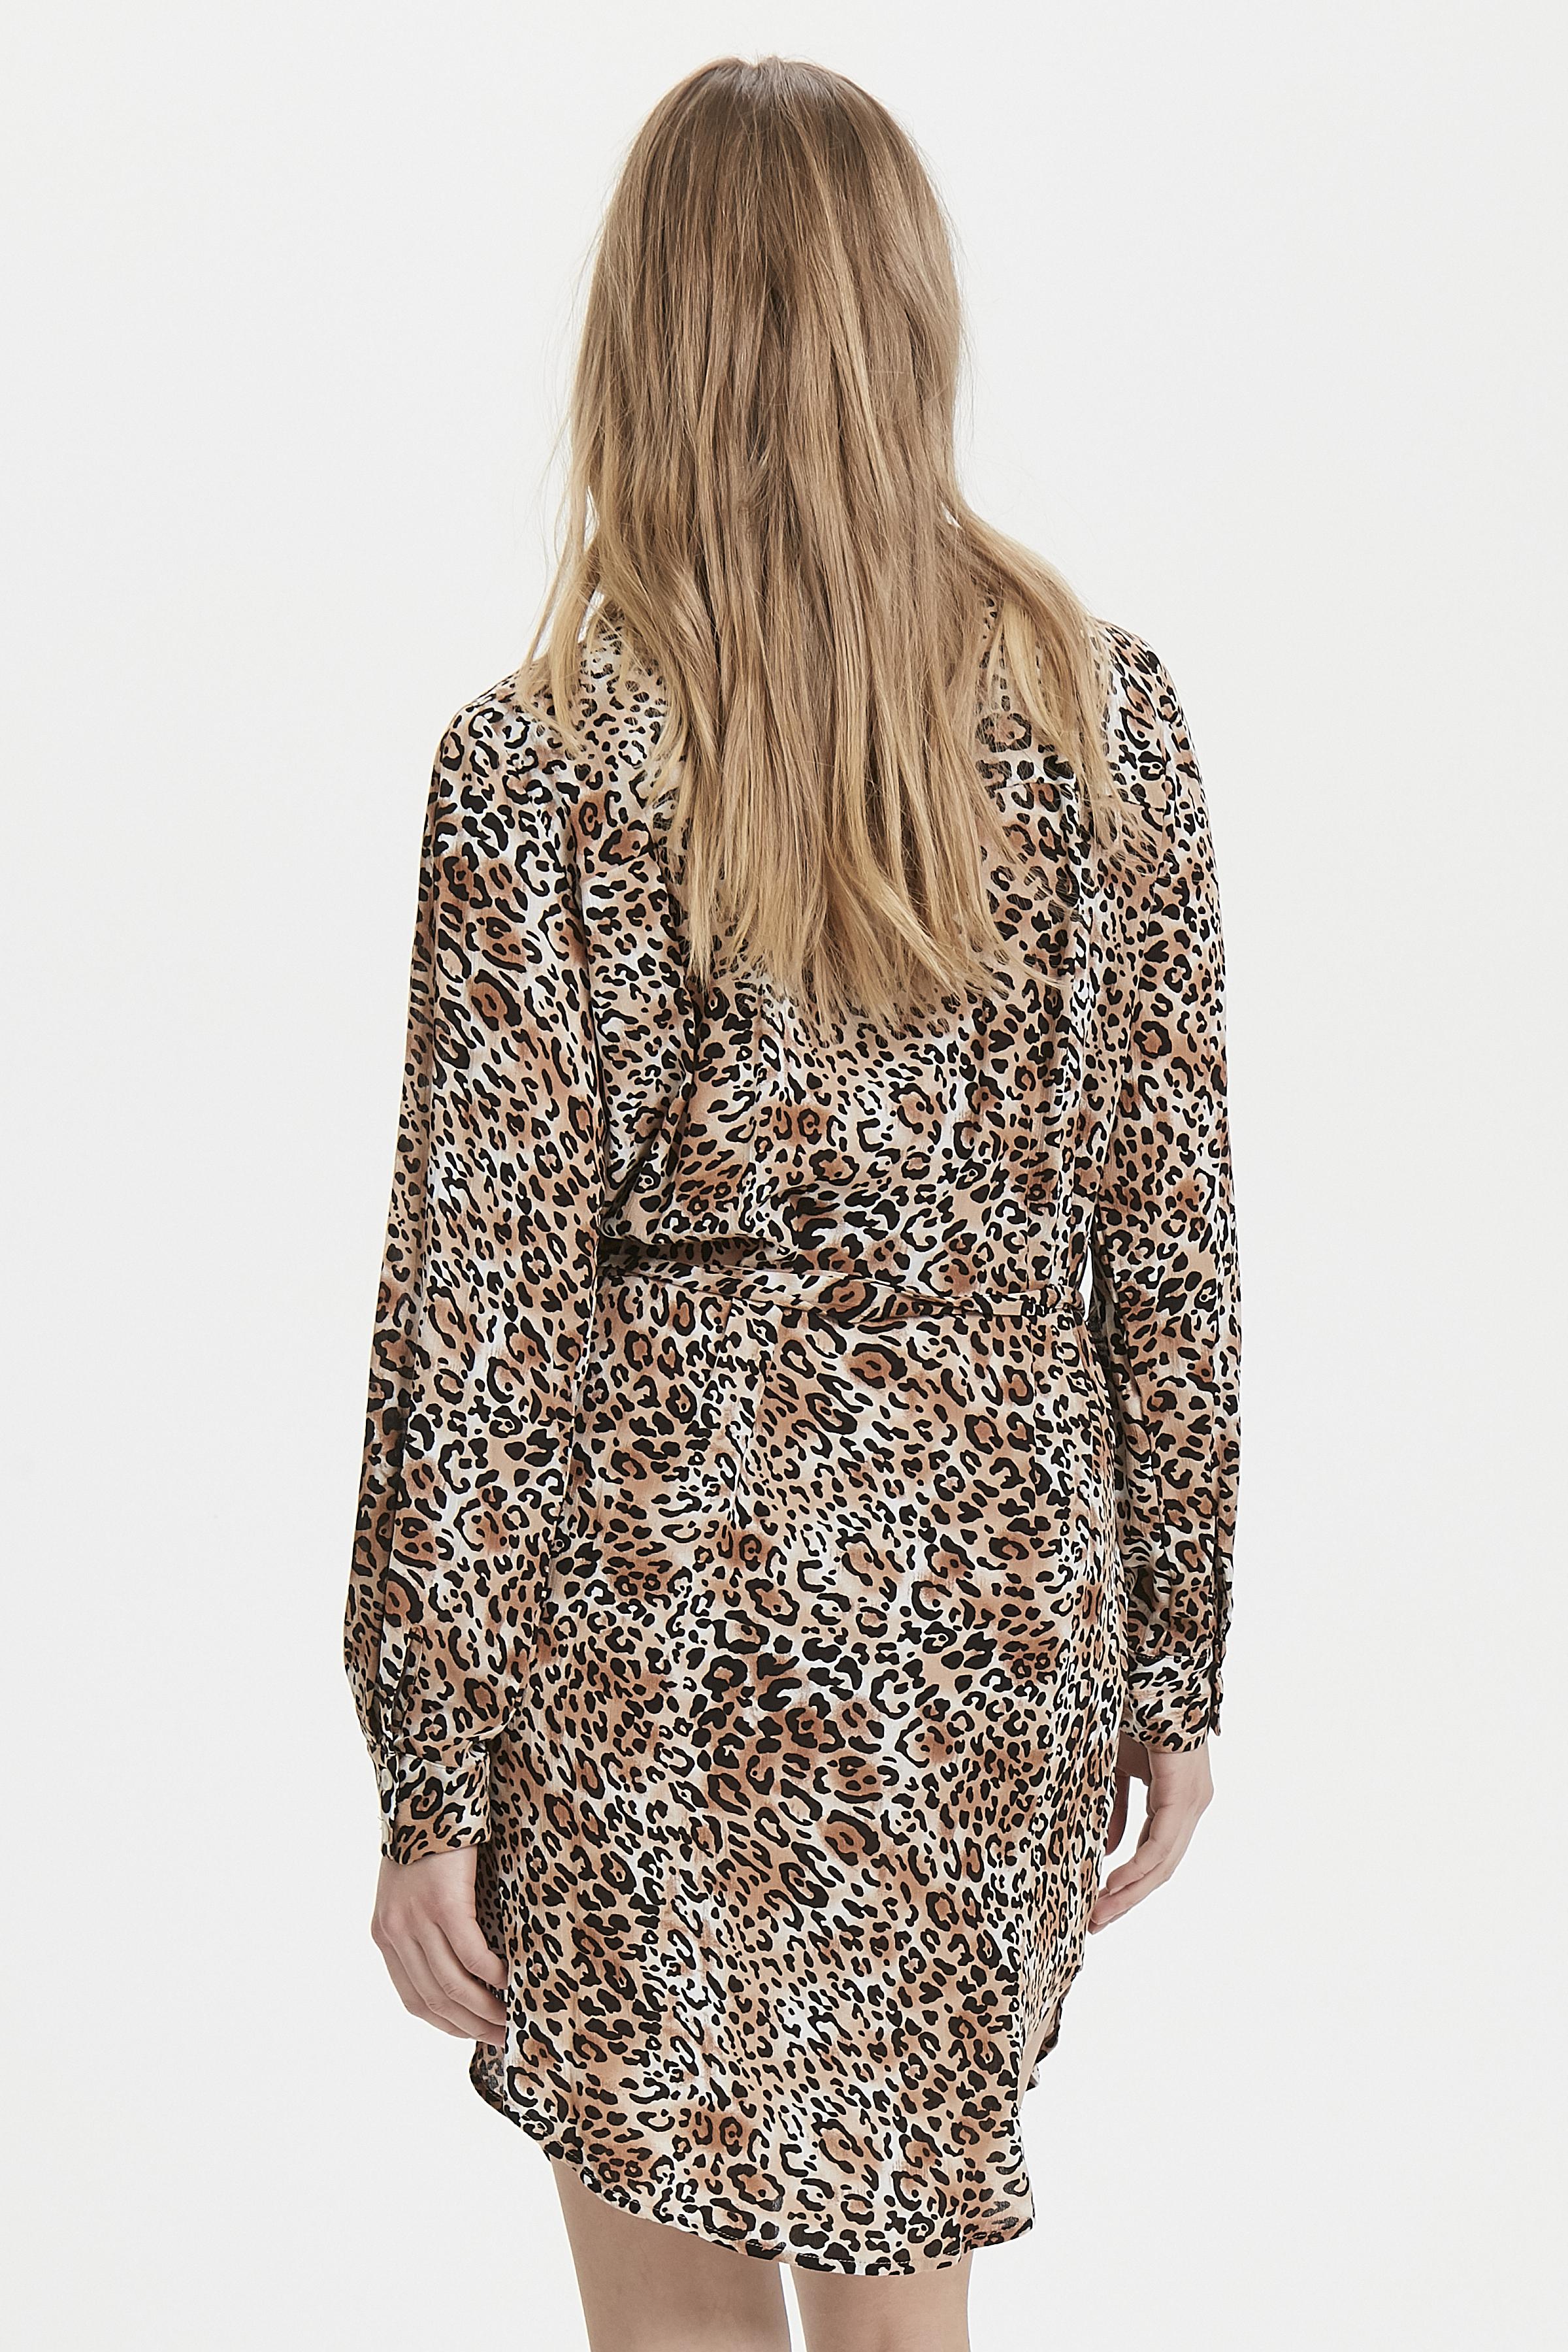 Moonlight leopard Combi 1 Kjole fra b.young – Køb Moonlight leopard Combi 1 Kjole fra str. 34-44 her